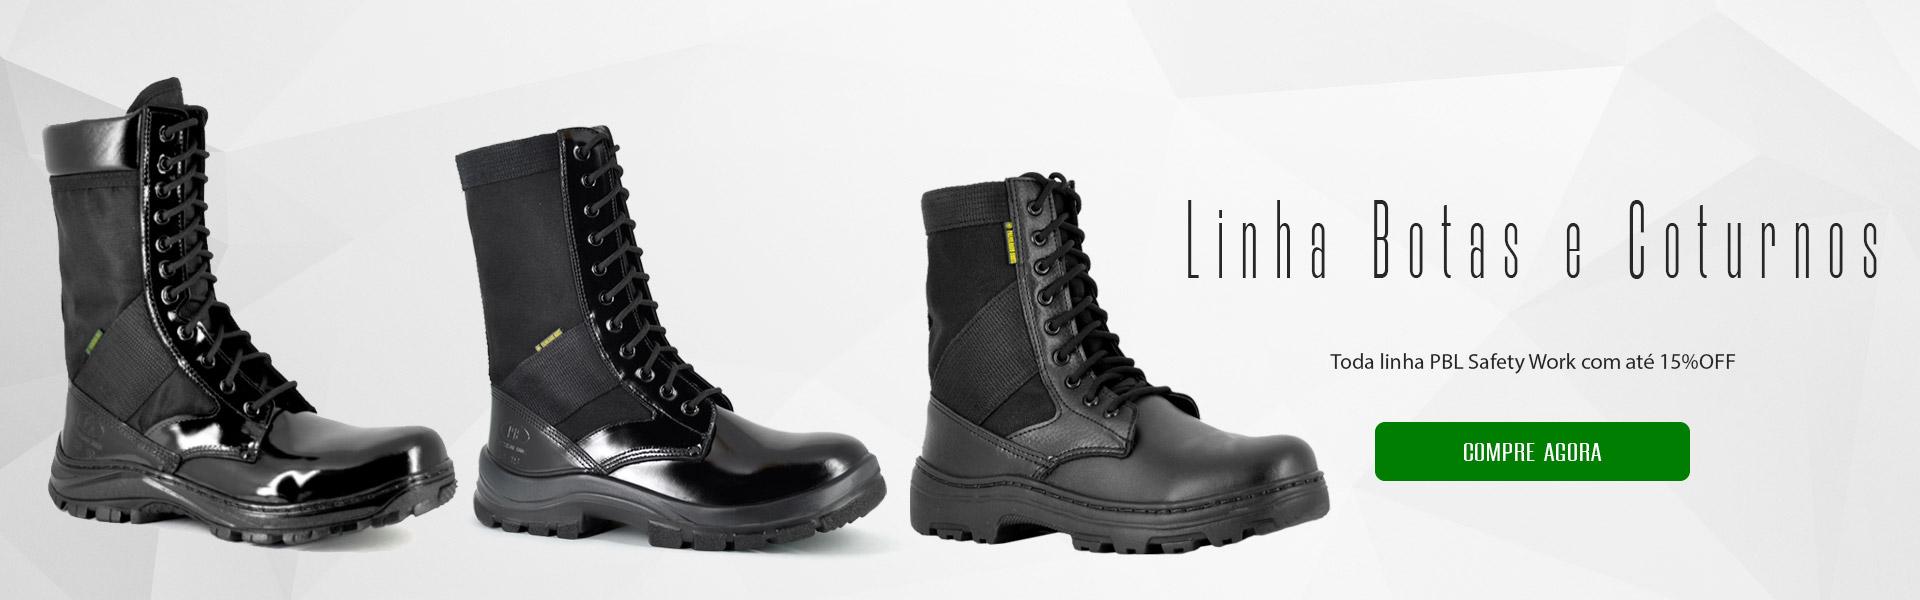 Linha Palmilhados botas e cuturnos